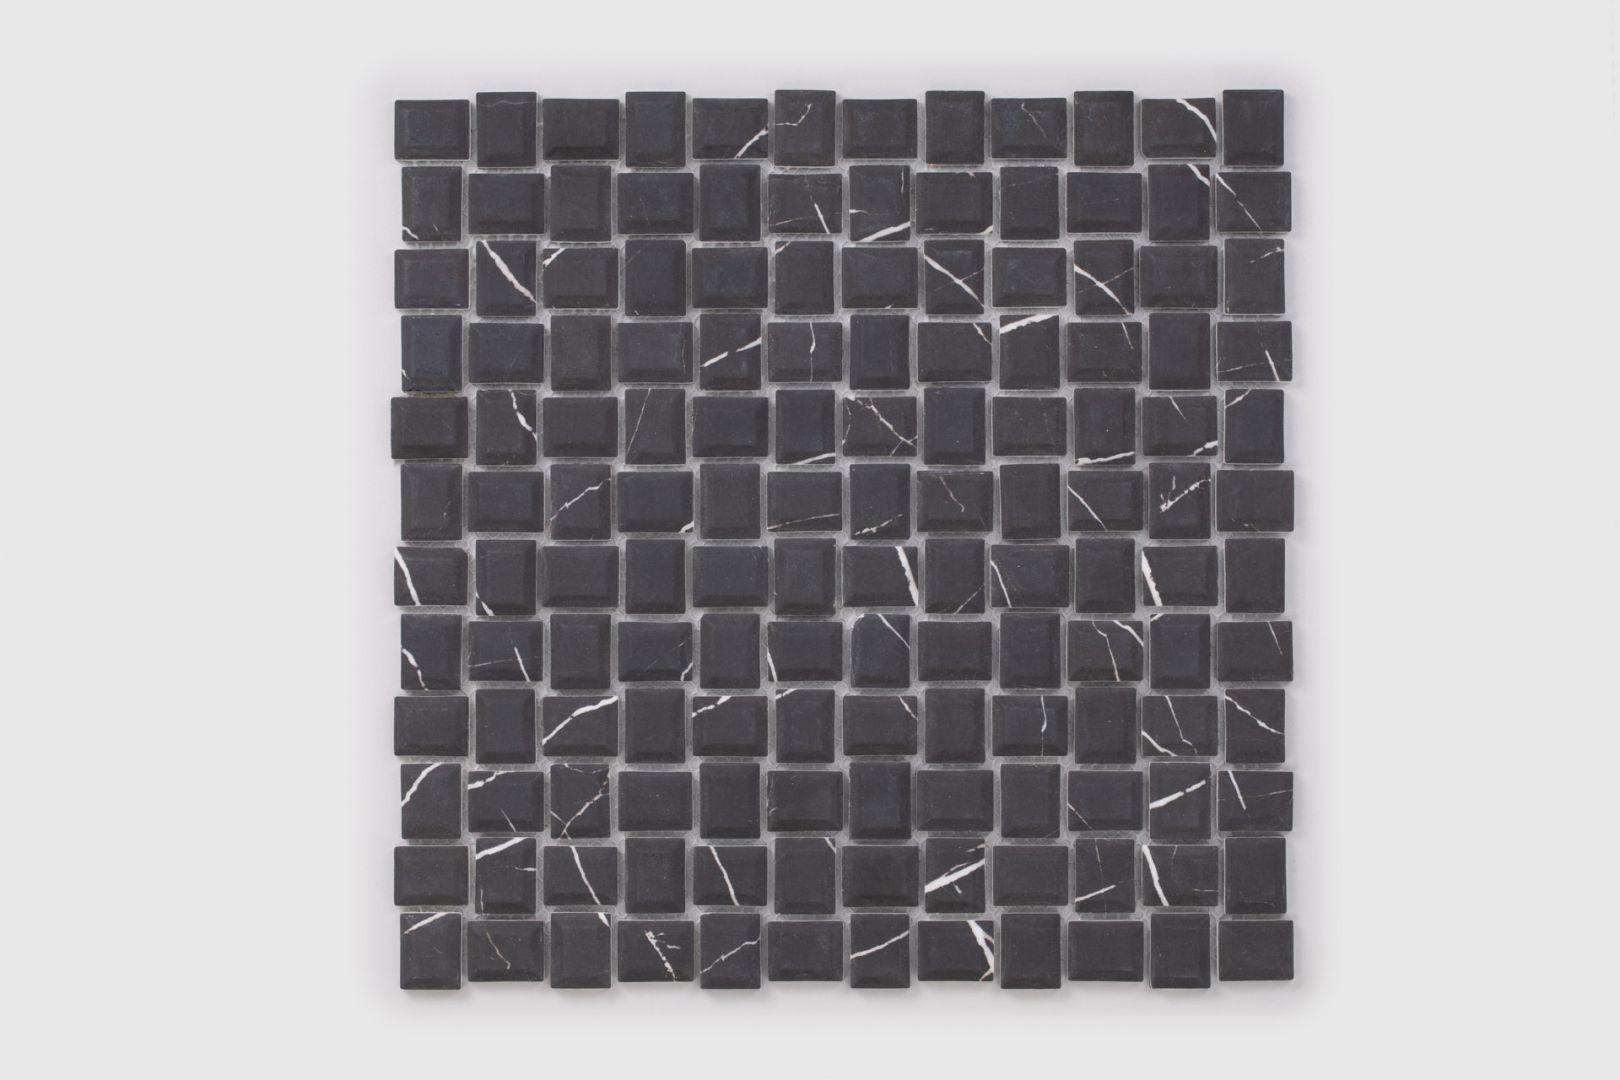 Płytki szklane z kolekcji Cube Marble. Fot. Raw Decor